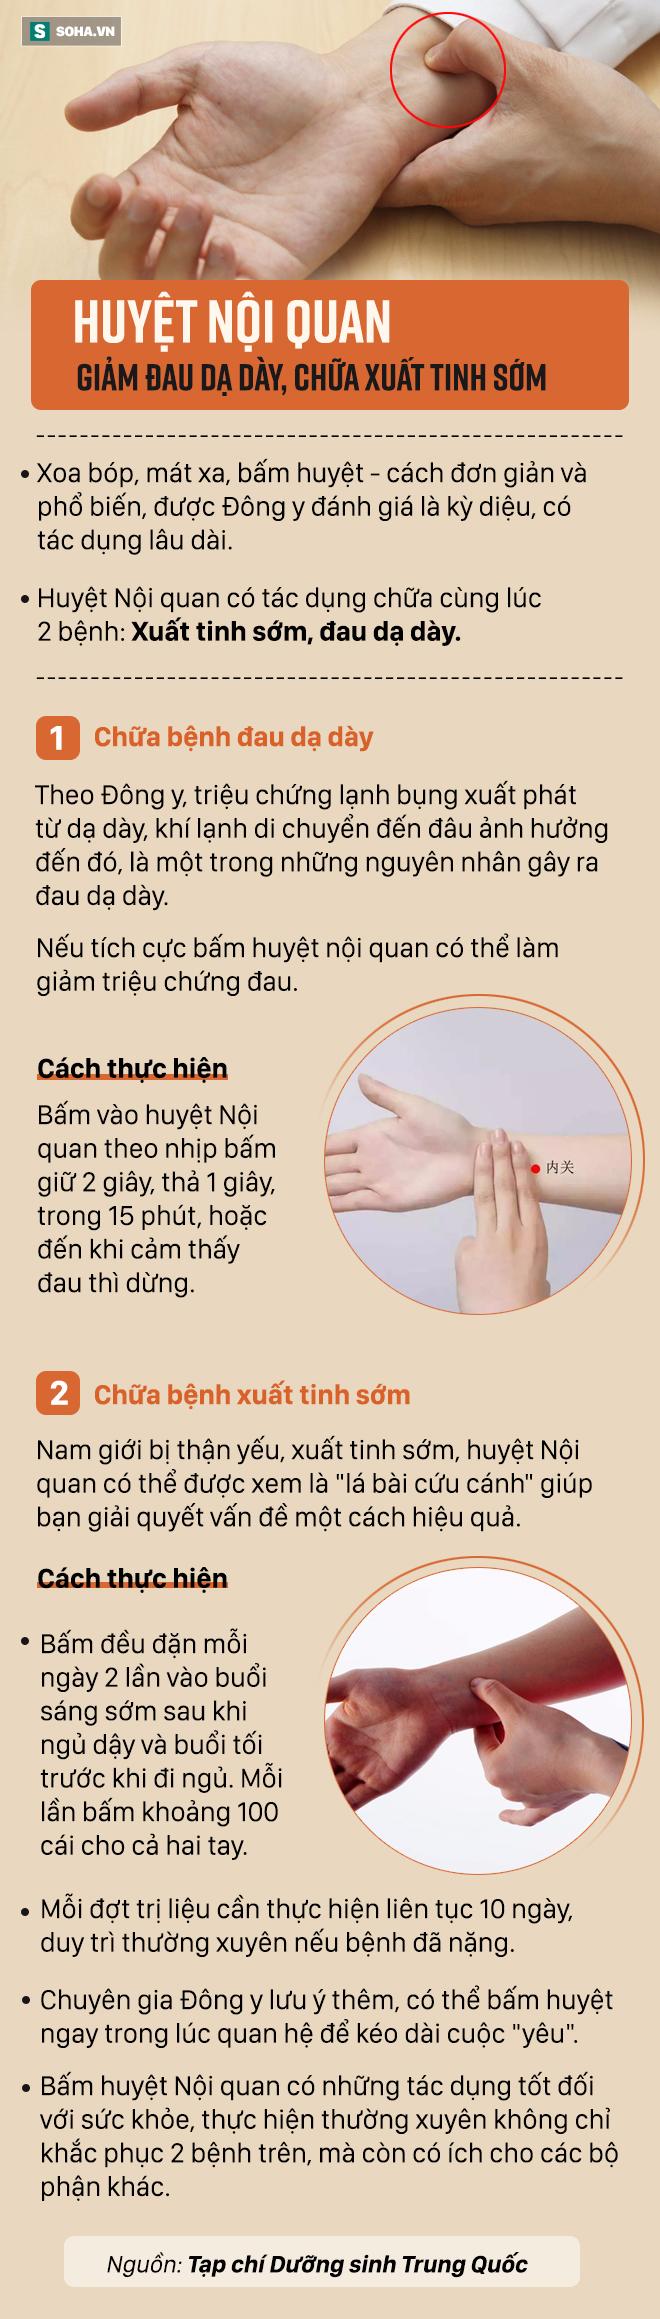 Đau dạ dày, xuất tinh sớm: Thử cách đơn giản của Đông y trước khi dùng thuốc - Ảnh 1.